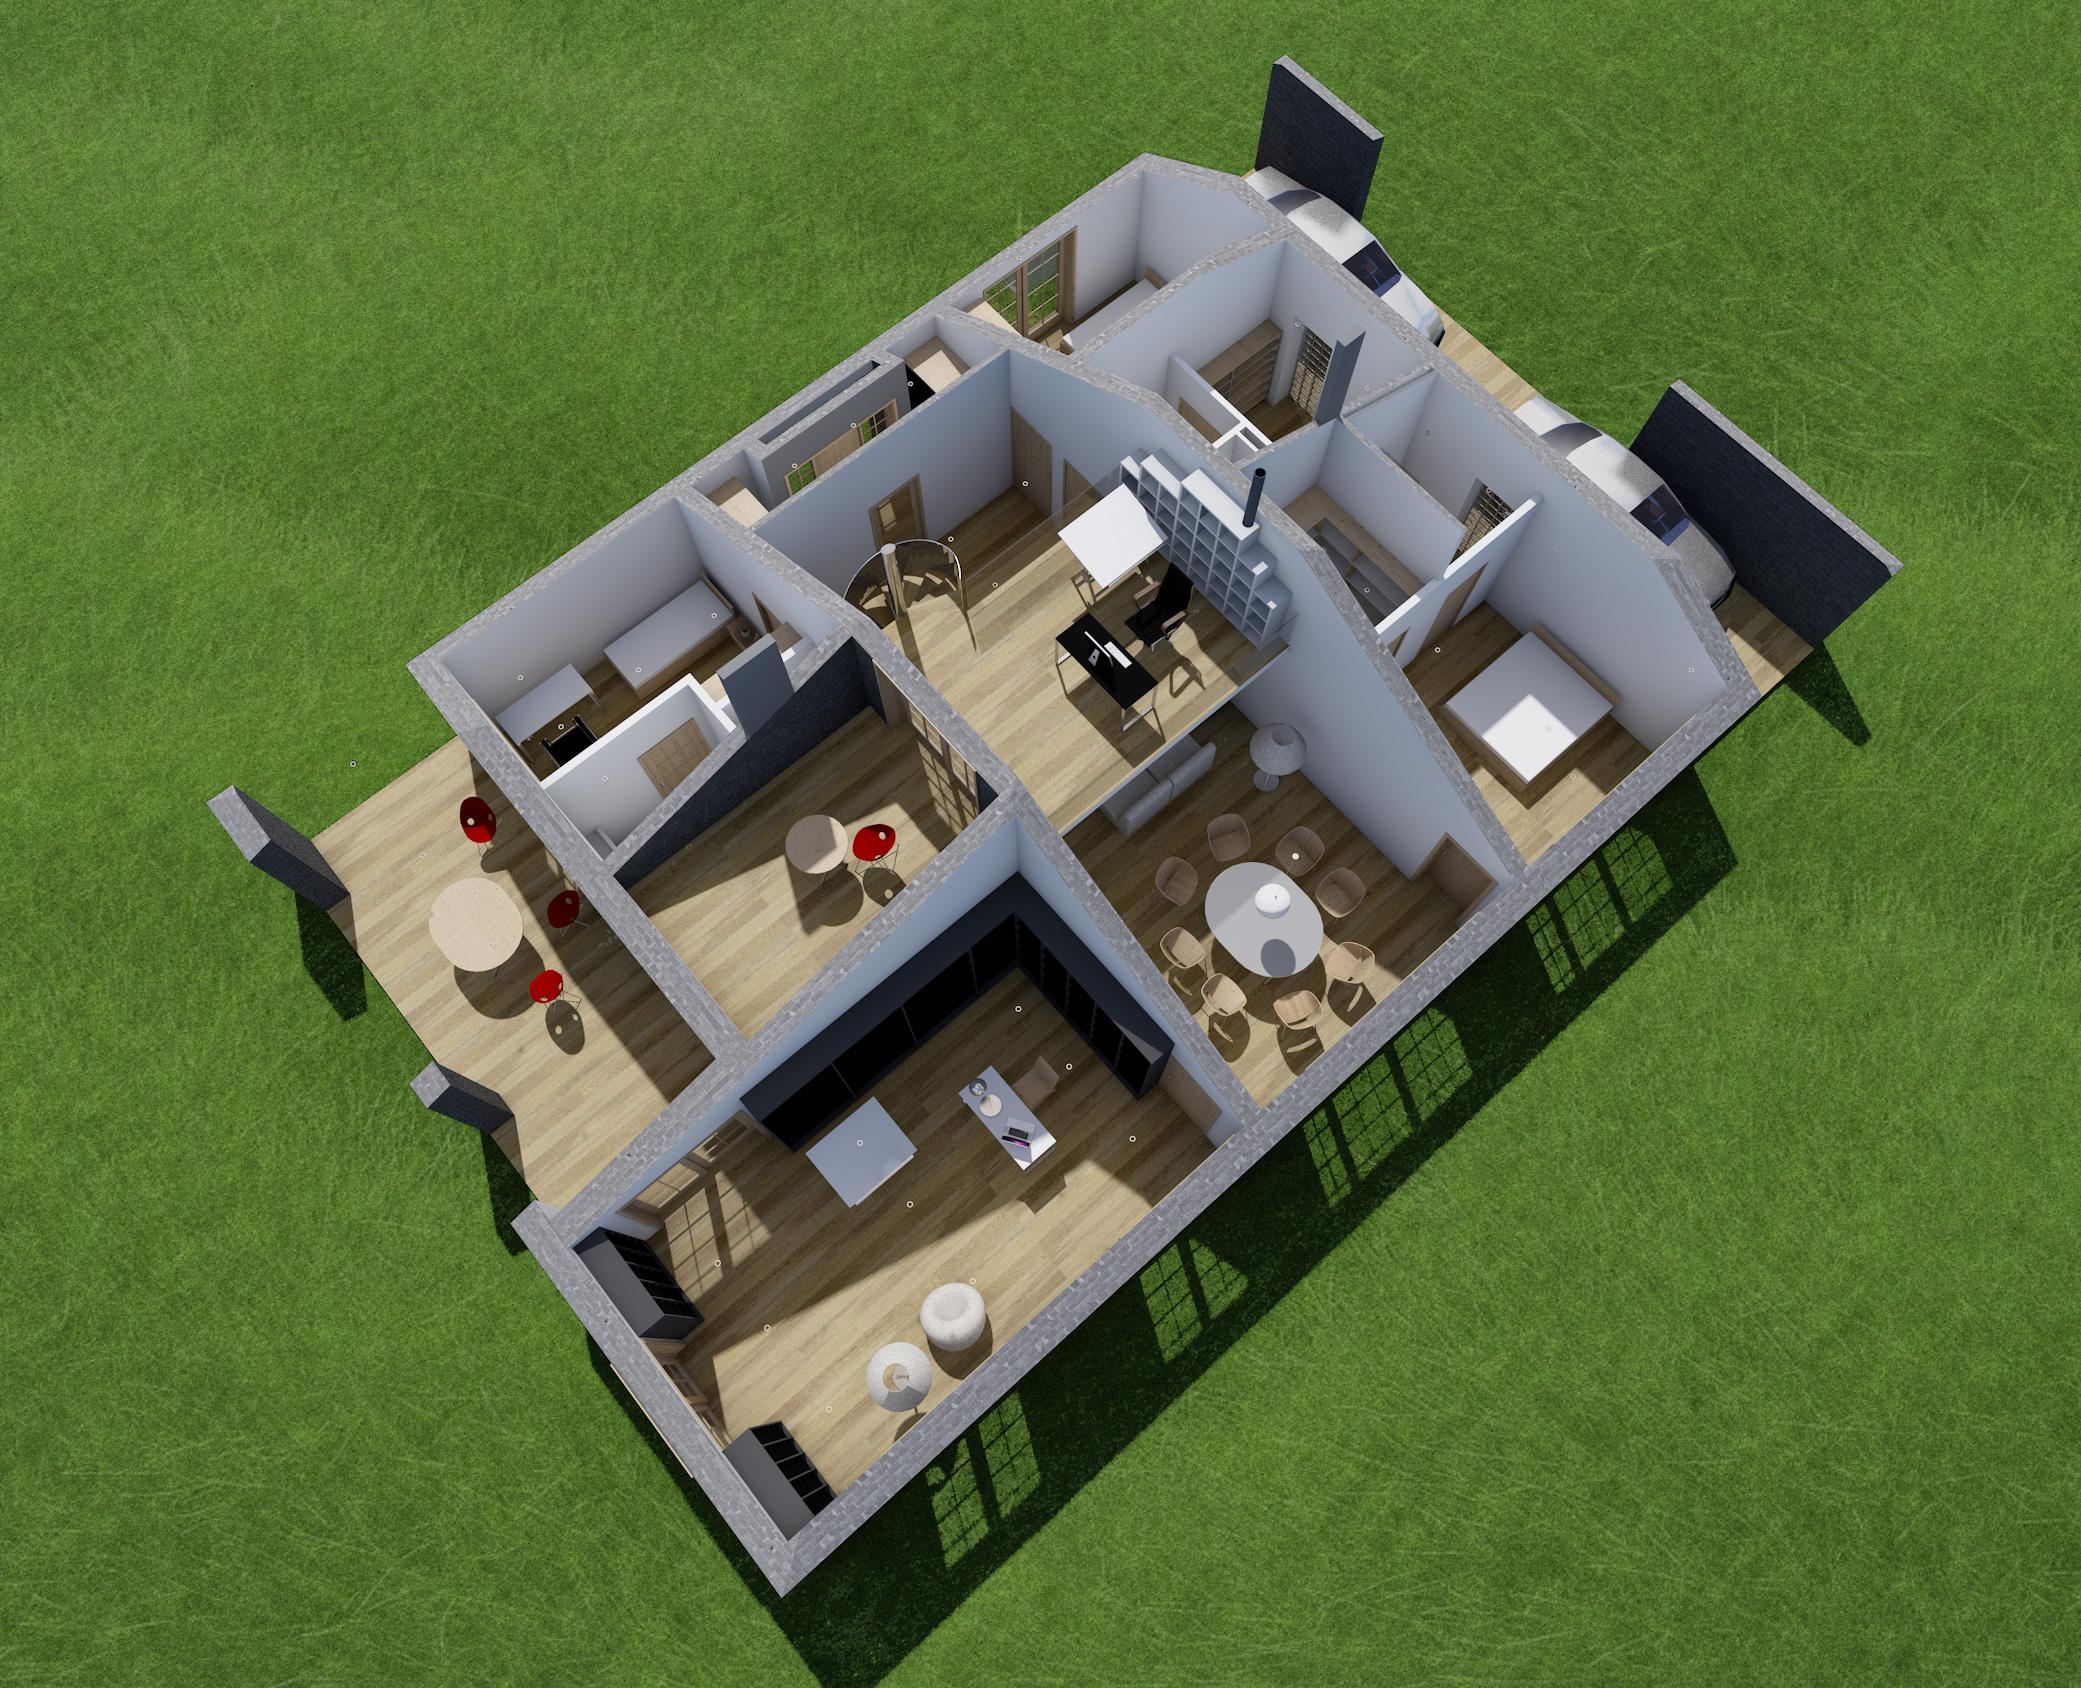 dom prosty, rzut, dom jednorodzinny, studio projektów